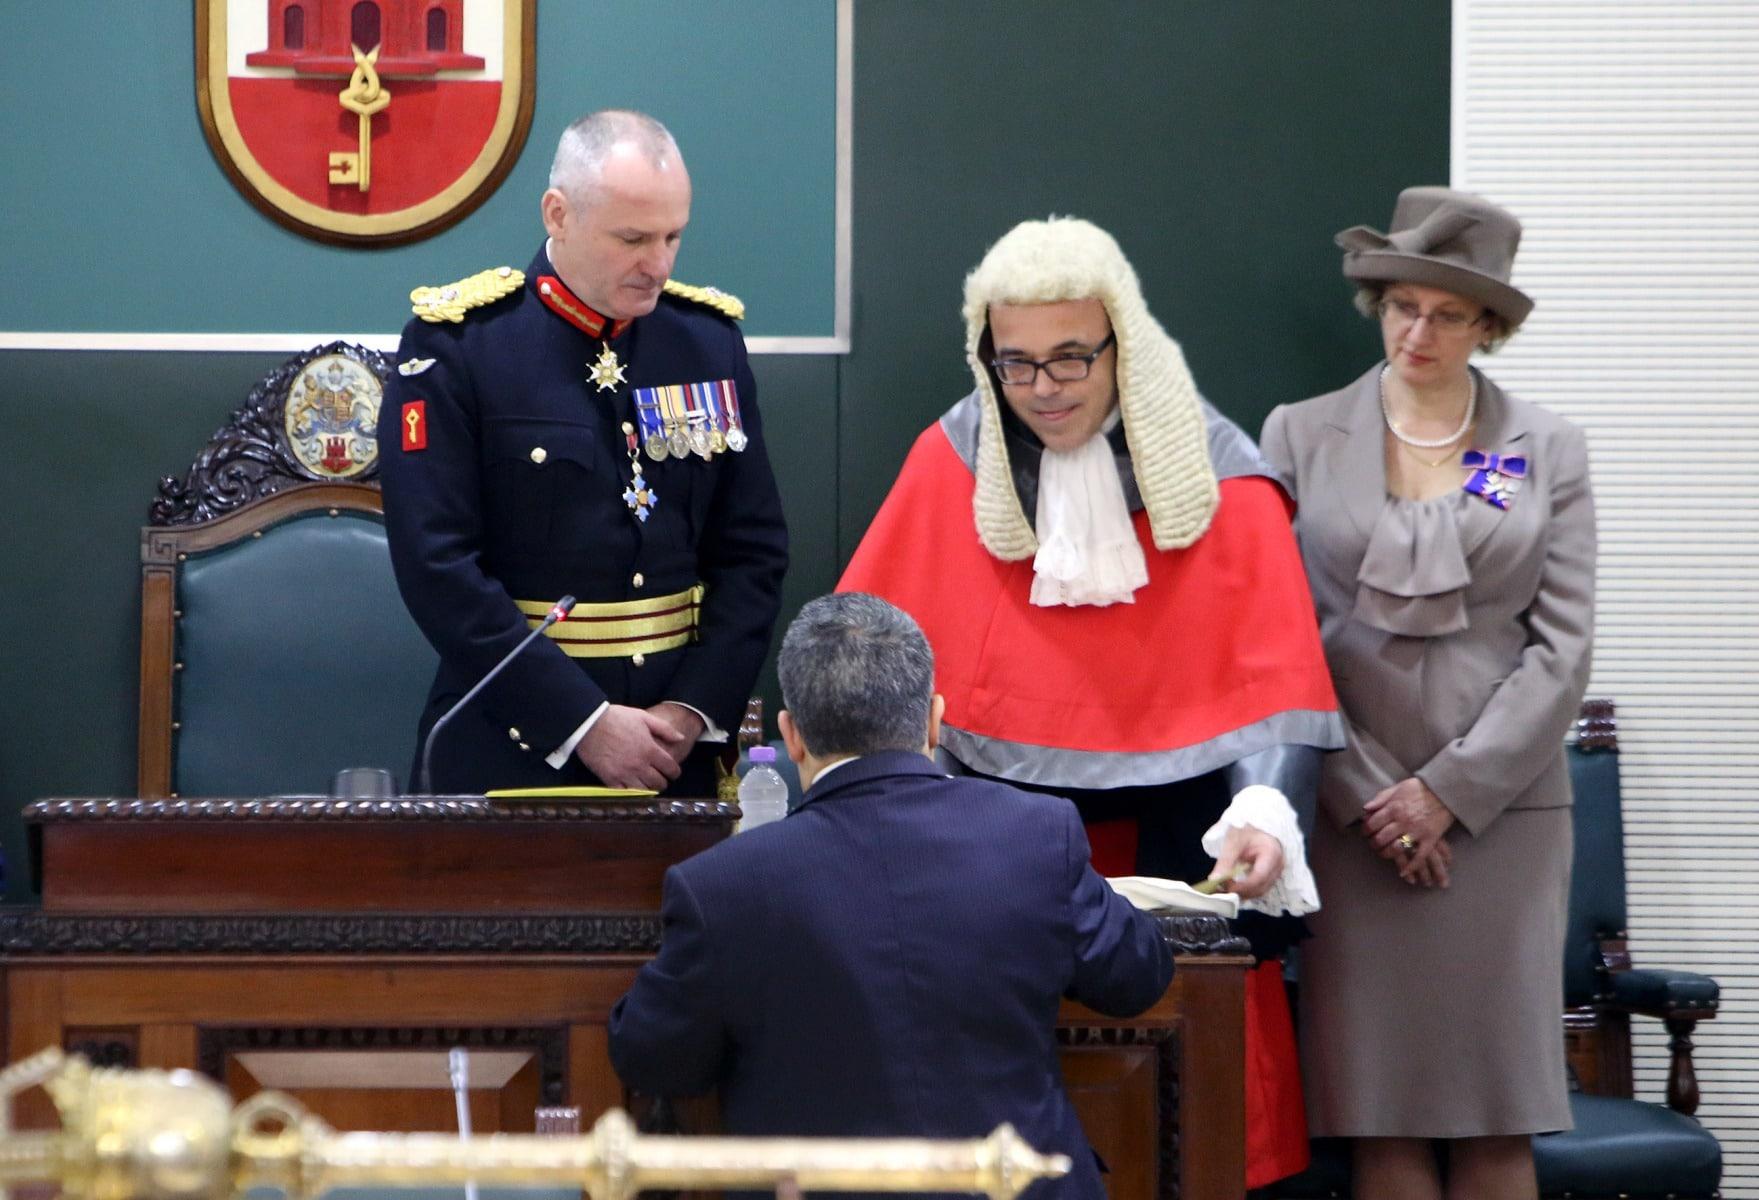 gobernador-de-gibraltar-edward-davis_24129254319_o